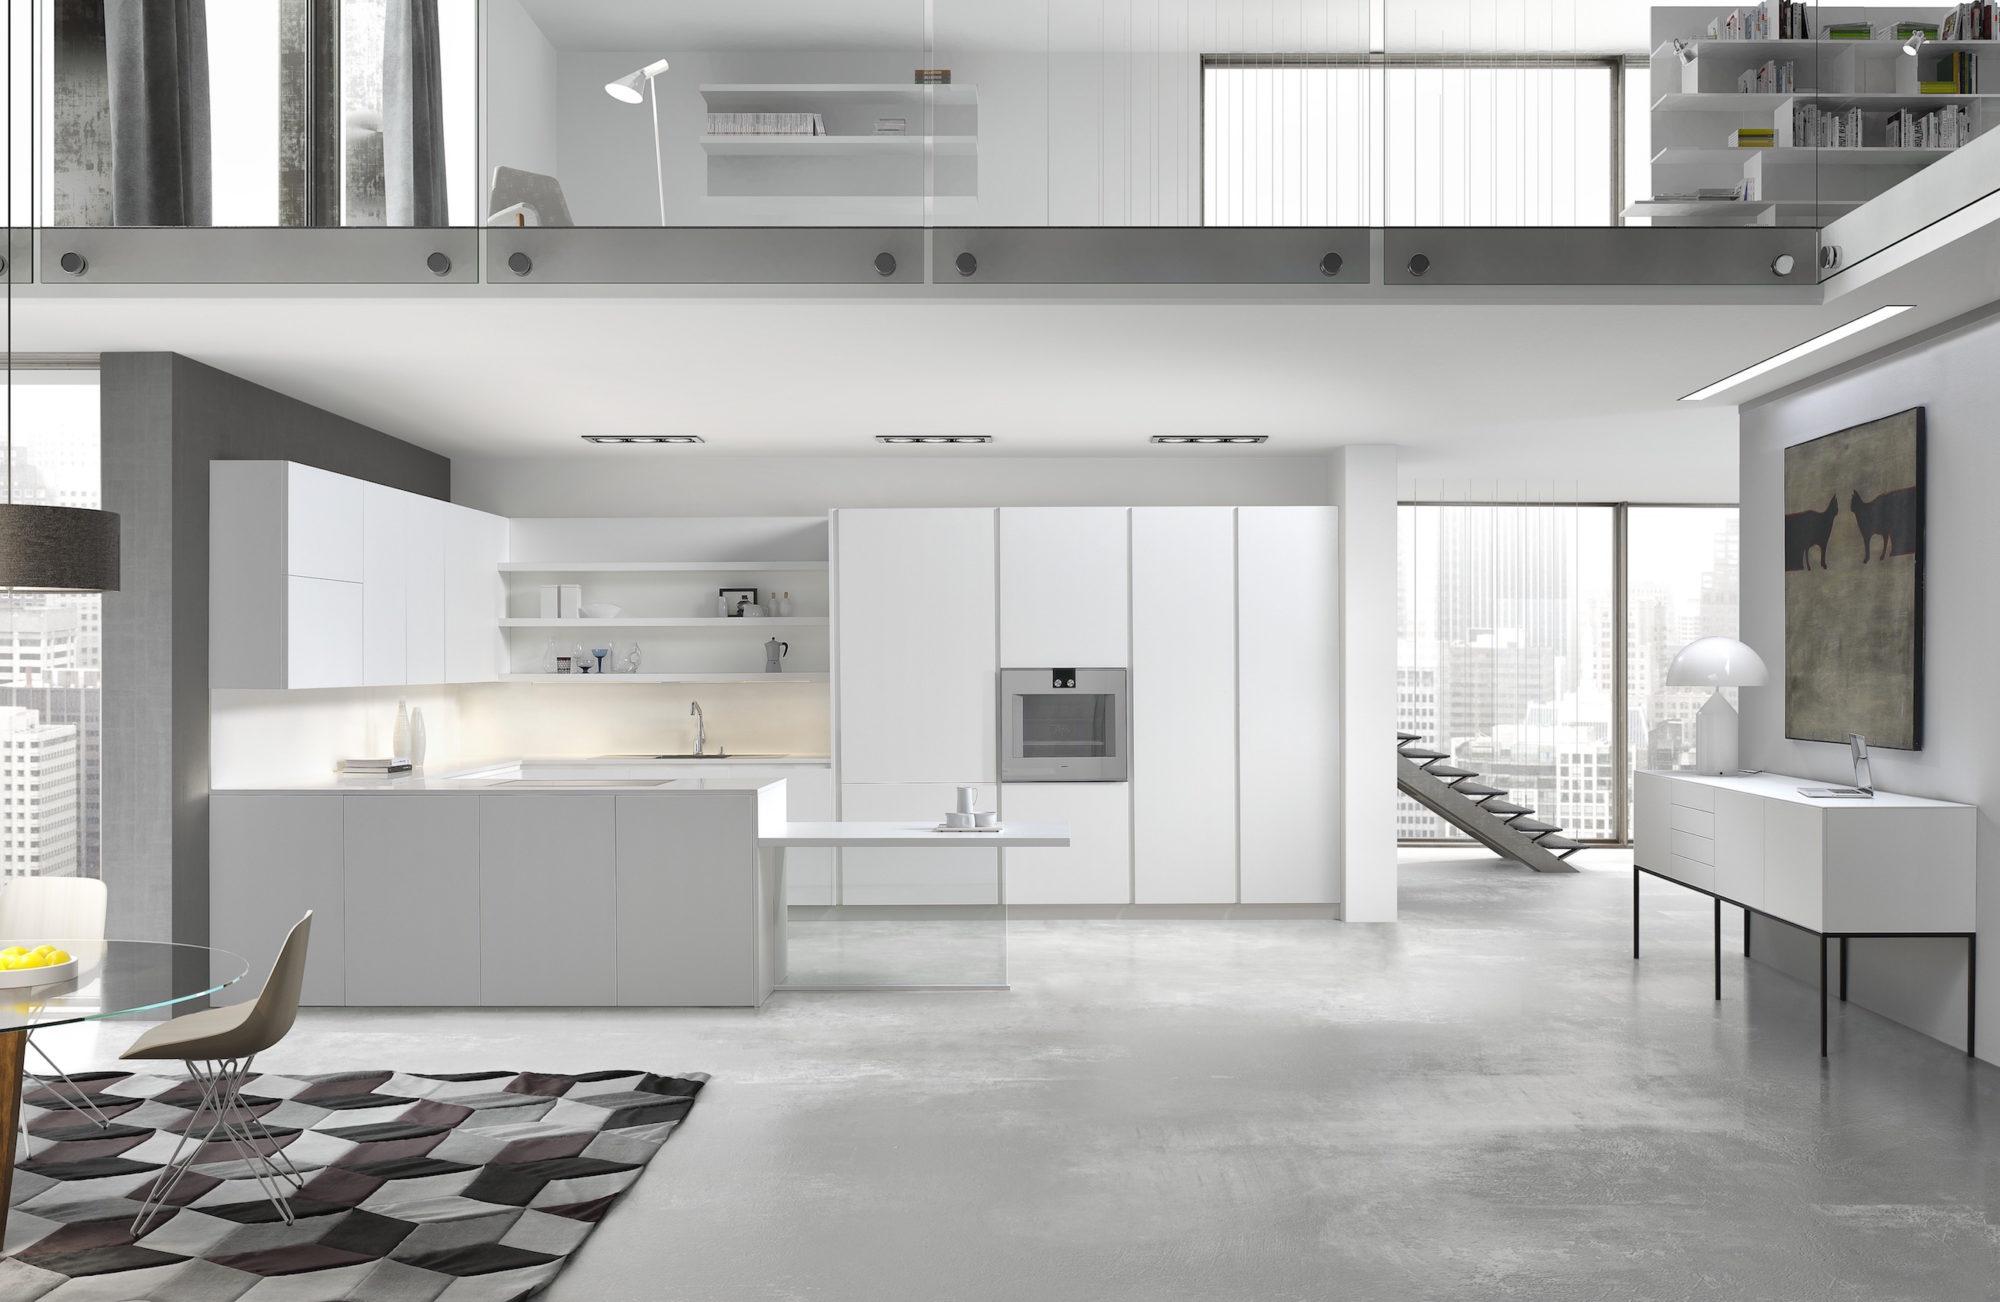 cocina integrada planta. baja